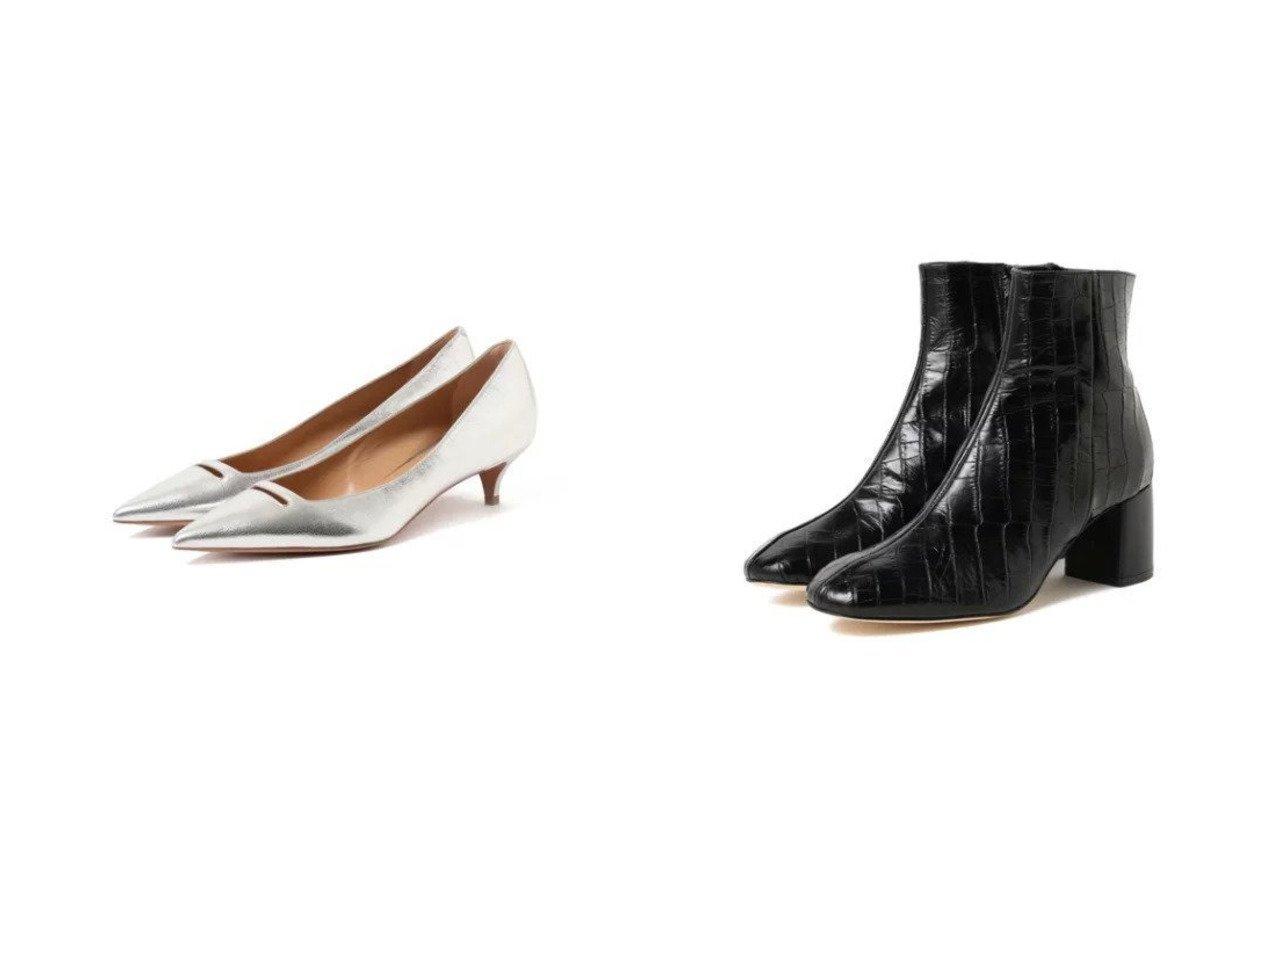 【Demi-Luxe BEAMS/デミルクス ビームス】のクロコ レザー ショートブーツ&ANELLI メタリック パンプス BEAMSのおすすめ!人気、トレンド・レディースファッションの通販 おすすめで人気の流行・トレンド、ファッションの通販商品 メンズファッション・キッズファッション・インテリア・家具・レディースファッション・服の通販 founy(ファニー) https://founy.com/ ファッション Fashion レディースファッション WOMEN イタリア エレガント クール コレクション シューズ シンプル スマート トレンド パーティ 人気 定番 Standard |ID:crp329100000017089